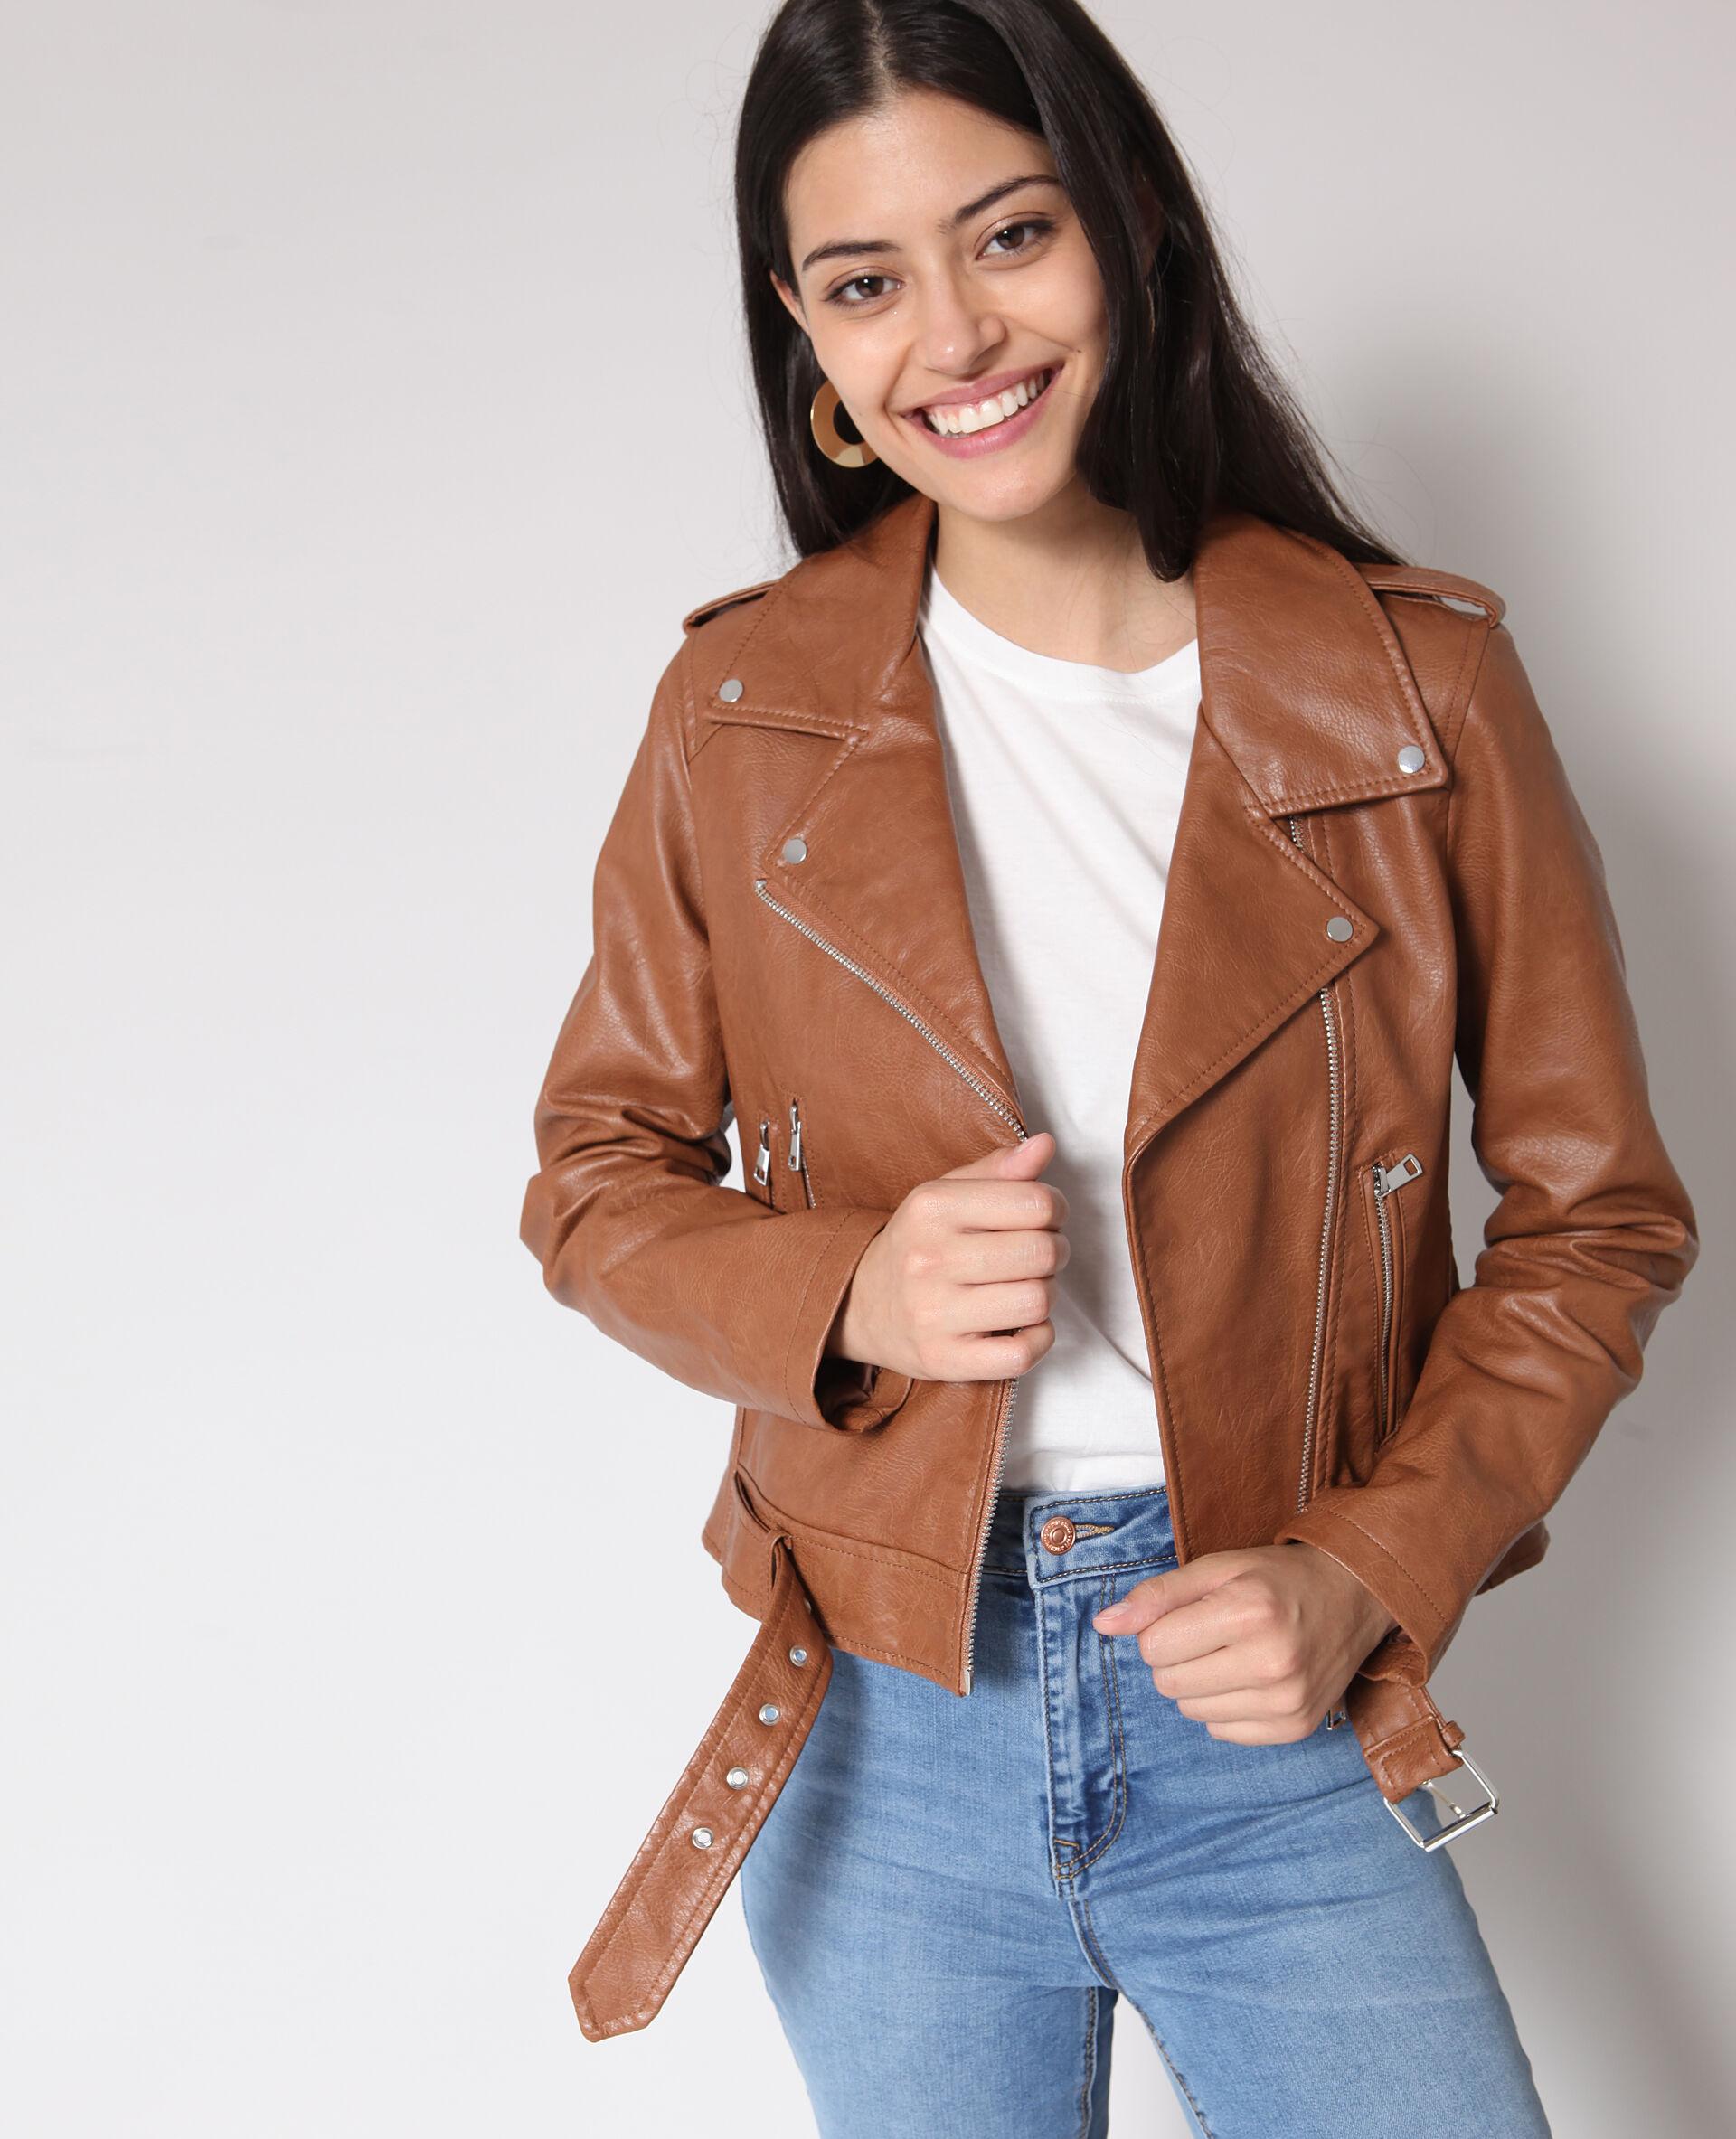 Soldes Veste perfecto faux cuir Femme -60% - Couleur caramel - Taille XS - 8c2e0c014cd9